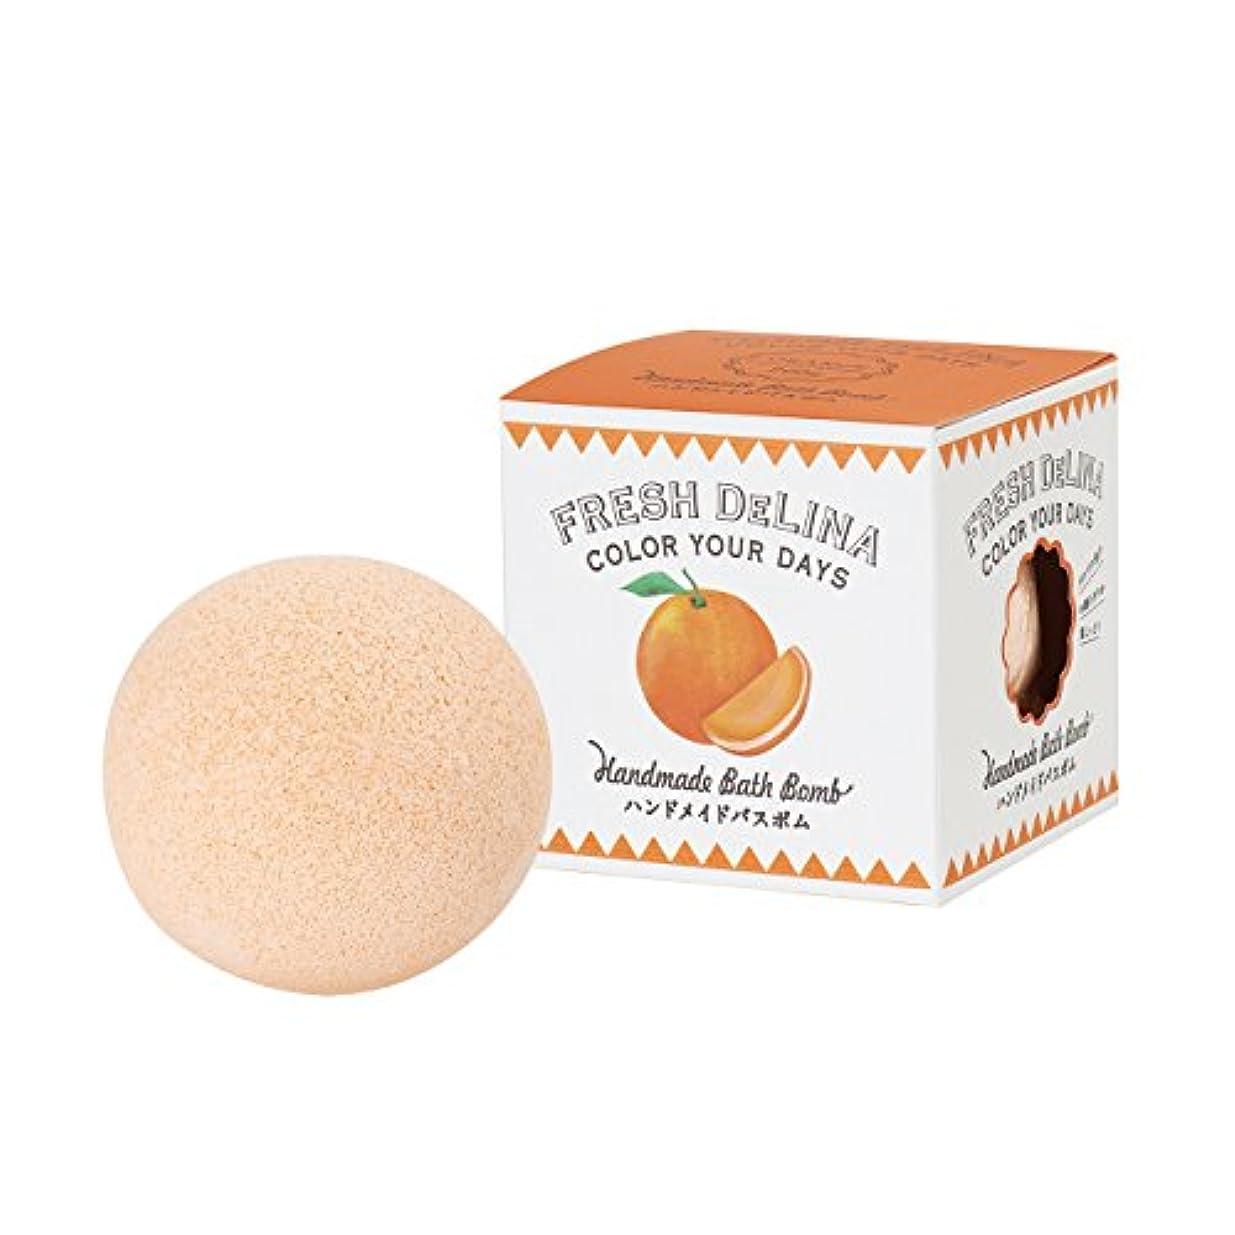 レベル集団的バージンフレッシュデリーナ ハンドメイドバスボム オレンジ 200g